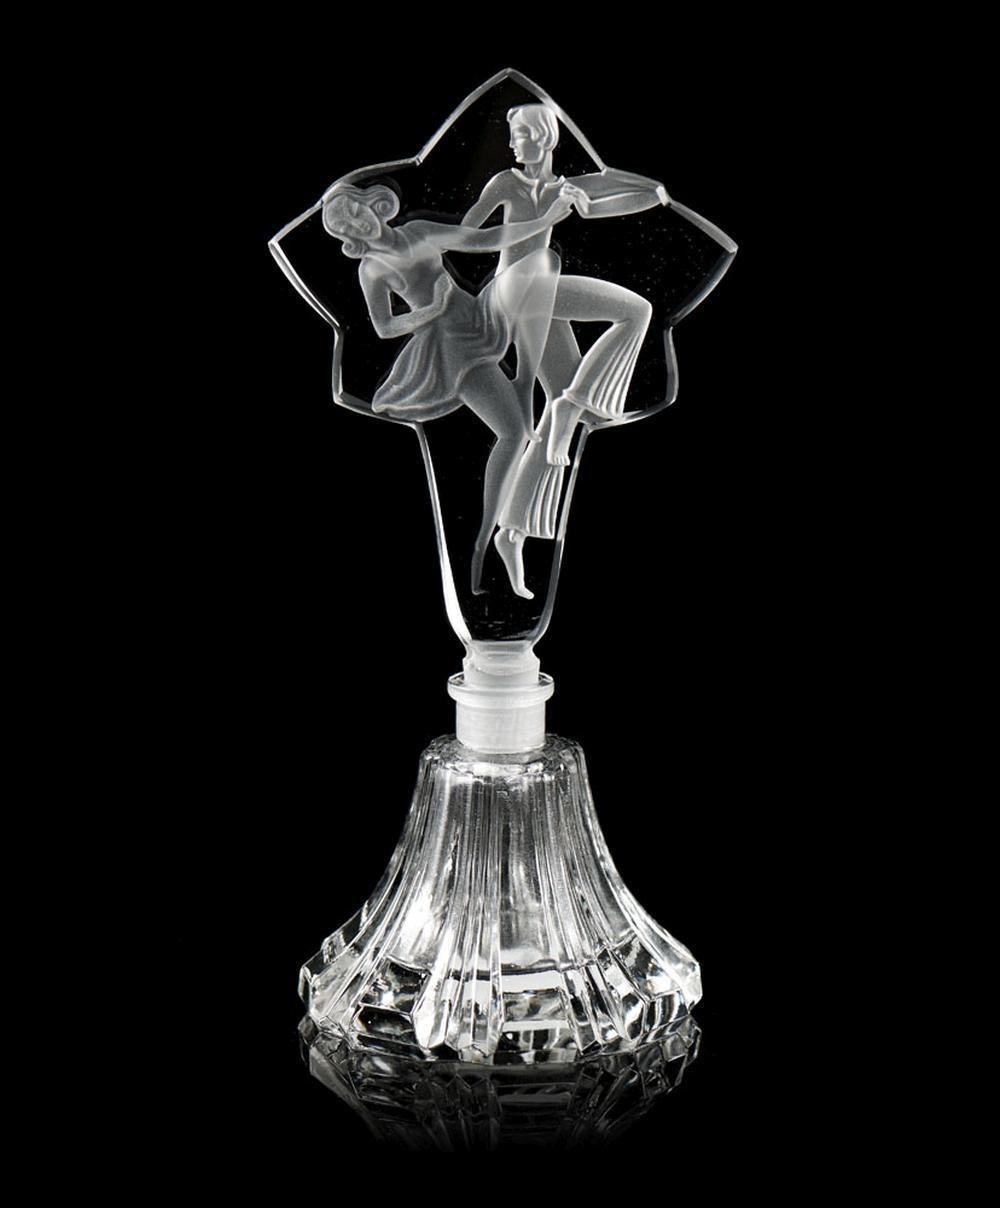 Frasco de perfume com tampa em vidro